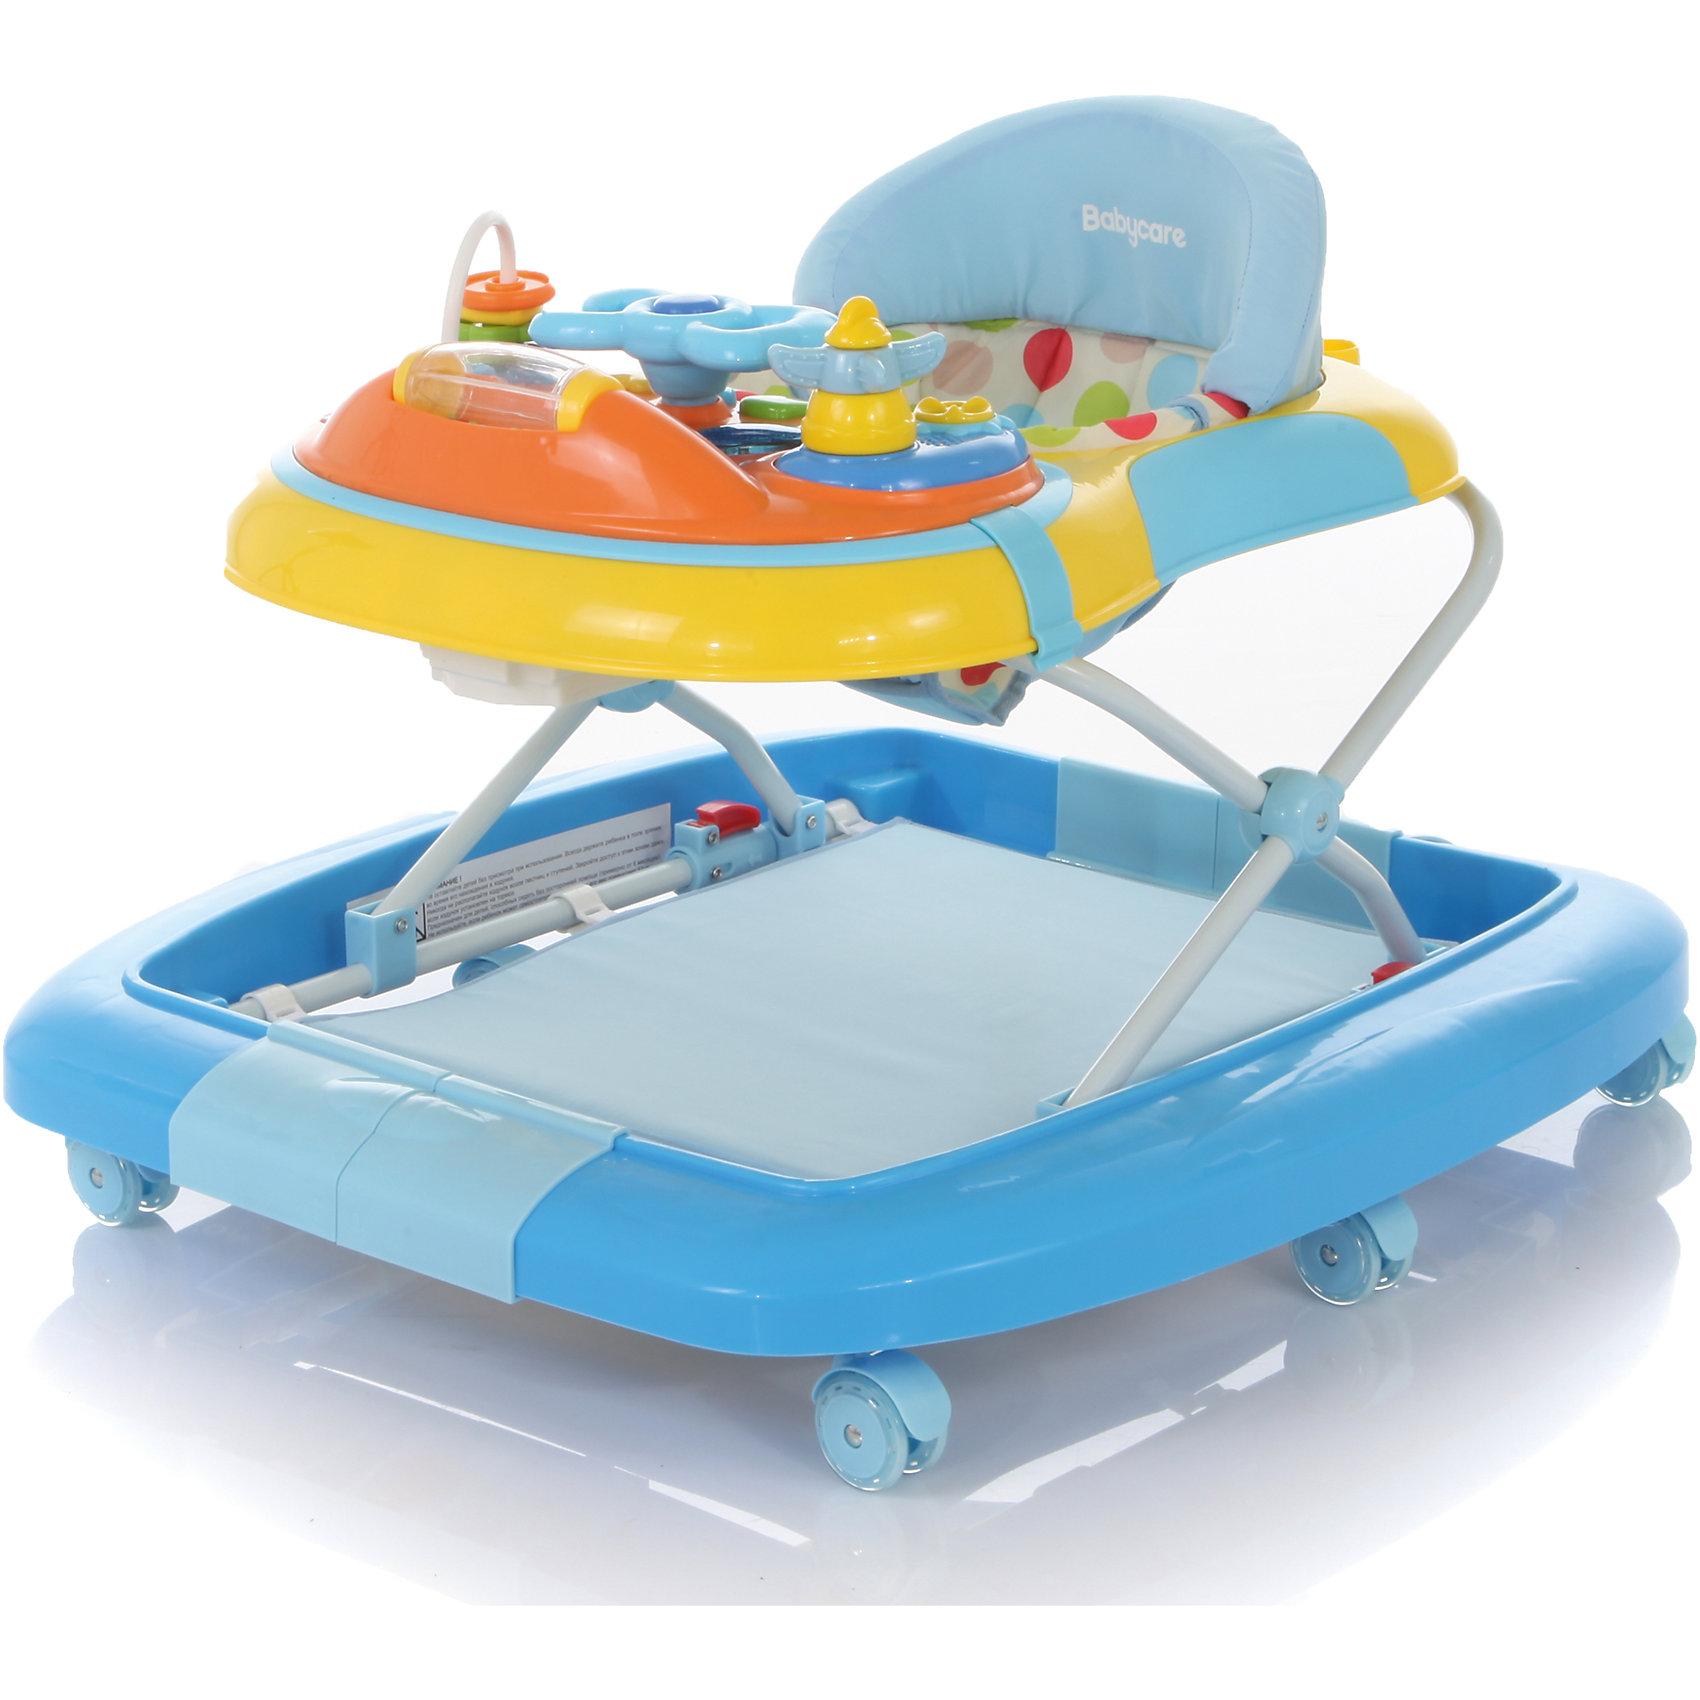 Ходунки Blues, Baby Care, синийХодунки<br>Характеристики ходунков Baby Care Blues:<br><br>• ходунки 2 в 1, трансформируются в качалку;<br>• съемная панель с игровыми элементами и музыкальным блоком;<br>• имеется батут под ножками малыша, съемный, выполнен в виде коврика;<br>• сиденье мягкое, с жесткой спинкой и паховым ограничителем;<br>• чехлы съемные, стирка при температуре 30 градусов;<br>• высота сиденья регулируется в 3-х положениях;<br>• защита от произвольного складывания;<br>• сдвоенные поворотные колеса со стопорами, 6 пар, материал – силикон;<br>• тип складывания ходунков: гармошка;<br>• размер ходунков в разложенном виде: 66х74х52 см;<br>• размер ходунков в сложенном виде: 66х74х26 см;<br>• вес ходунков: 5,1 кг;<br>• допустимый вес ребенка: до 12 кг;<br>• возраст ребенка: от 6 до 18 месяцев;<br>• размер упаковки: 67х74х14 см;<br>• вес упаковки: 6 кг.<br><br>Ходунки-качалка 2в1 используются как качалка с мягким сиденьем и как ходунки с игровой панелью и матрасиком-батутом. Устойчивая конструкция ходунков Baby Care Blues позволяет полностью обезопасить кроху от опрокидывания, когда малыш находится в креслице ходунков. Съемная музыкальная панель развивает логическое мышление, слуховое восприятие. Складная и компактная модель – ходунки удобно хранить в сложенном виде, не занимают много места. <br><br>Ходунки Blues, Baby Care, синие можно купить в нашем интернет-магазине.<br><br>Ширина мм: 670<br>Глубина мм: 740<br>Высота мм: 140<br>Вес г: 6300<br>Возраст от месяцев: 6<br>Возраст до месяцев: 180<br>Пол: Мужской<br>Возраст: Детский<br>SKU: 4028924